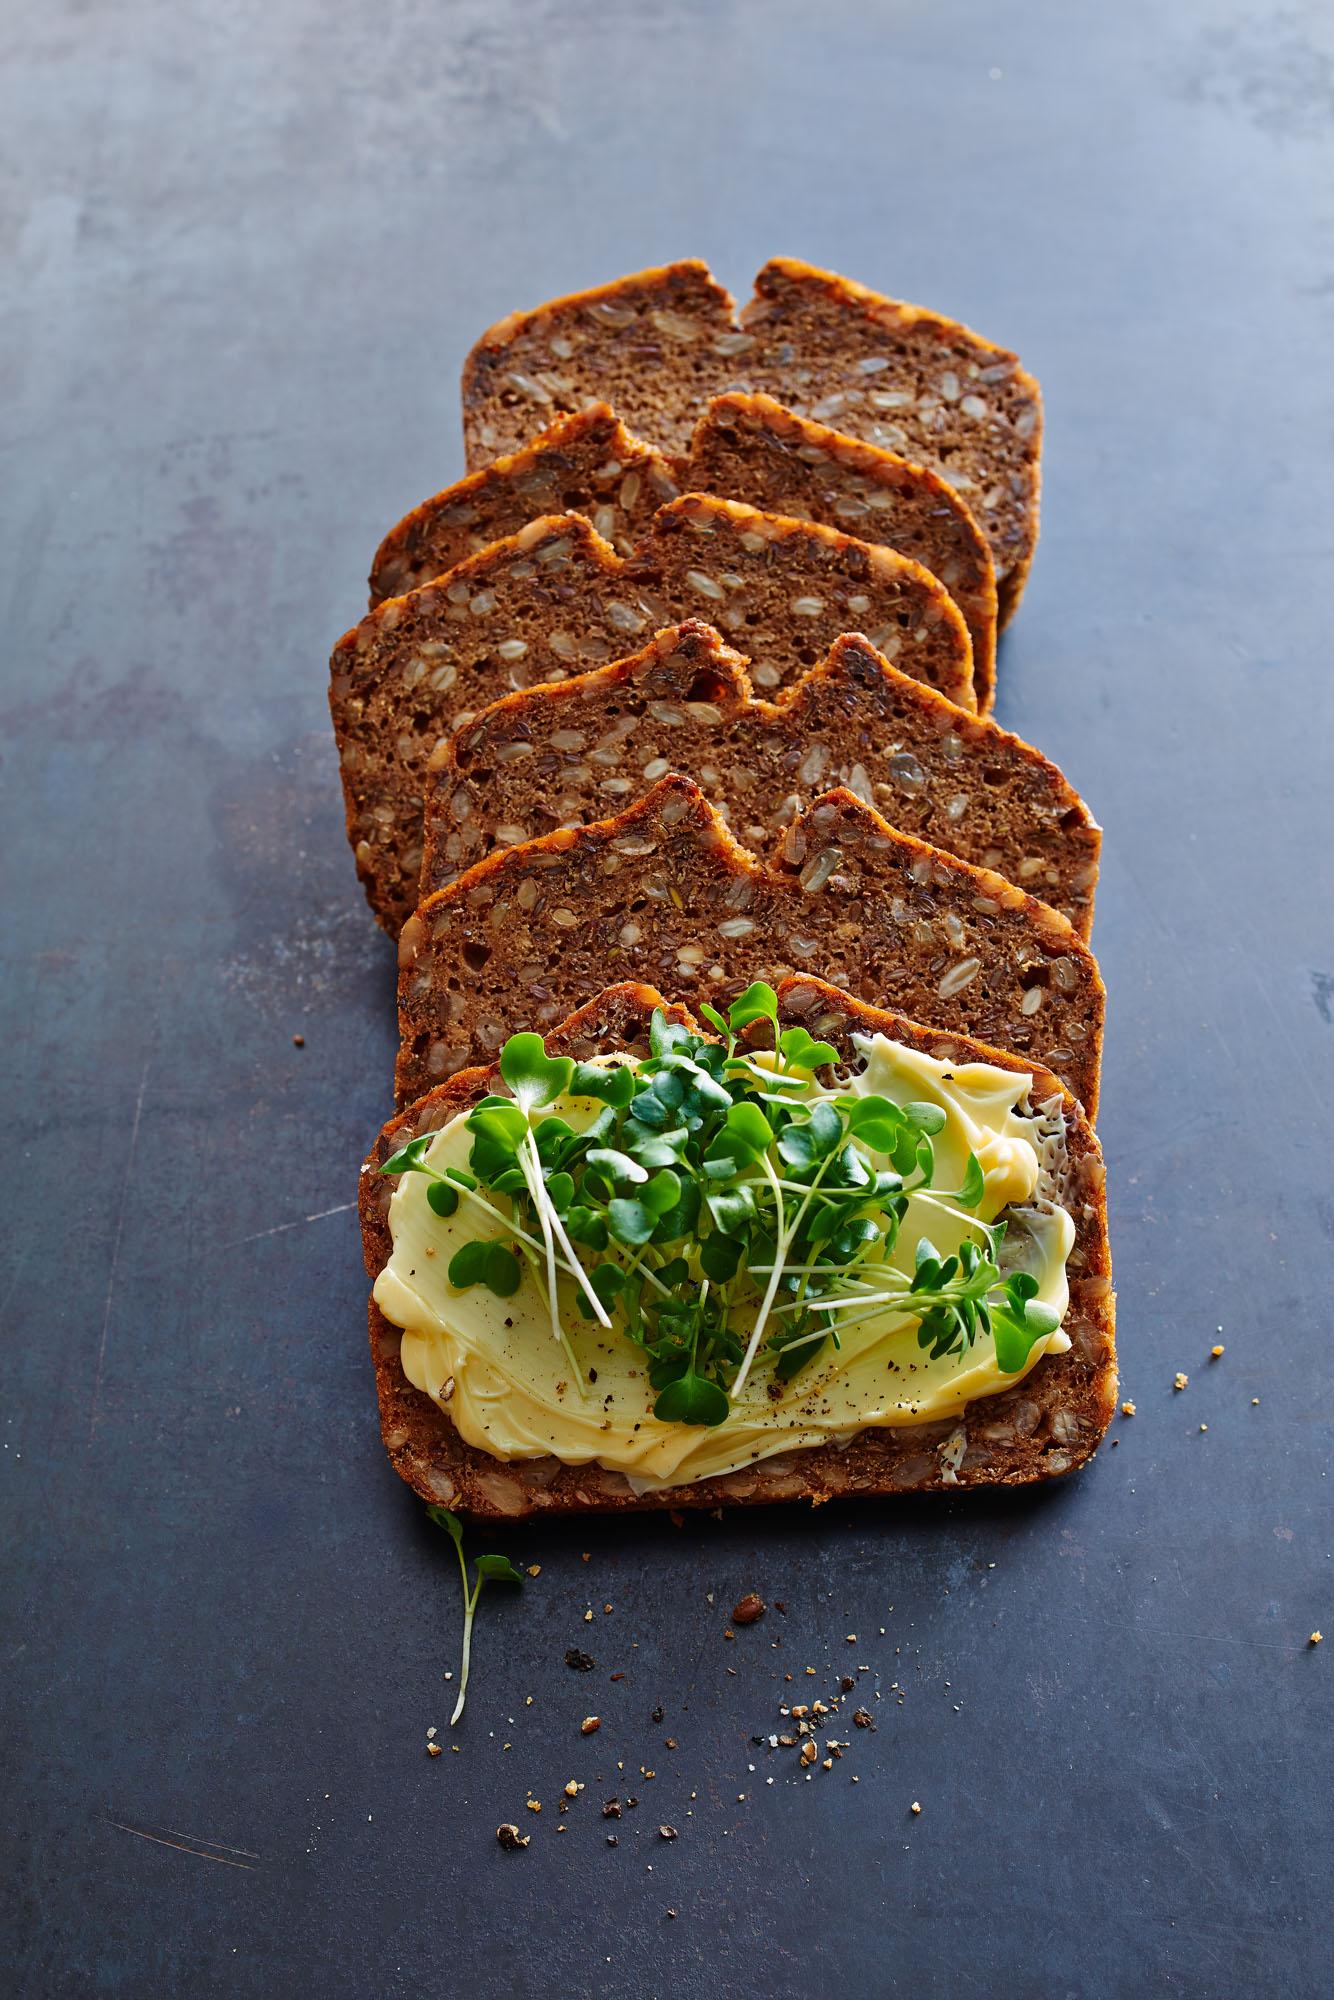 Foodfoto-Brot-Backwaren-0029